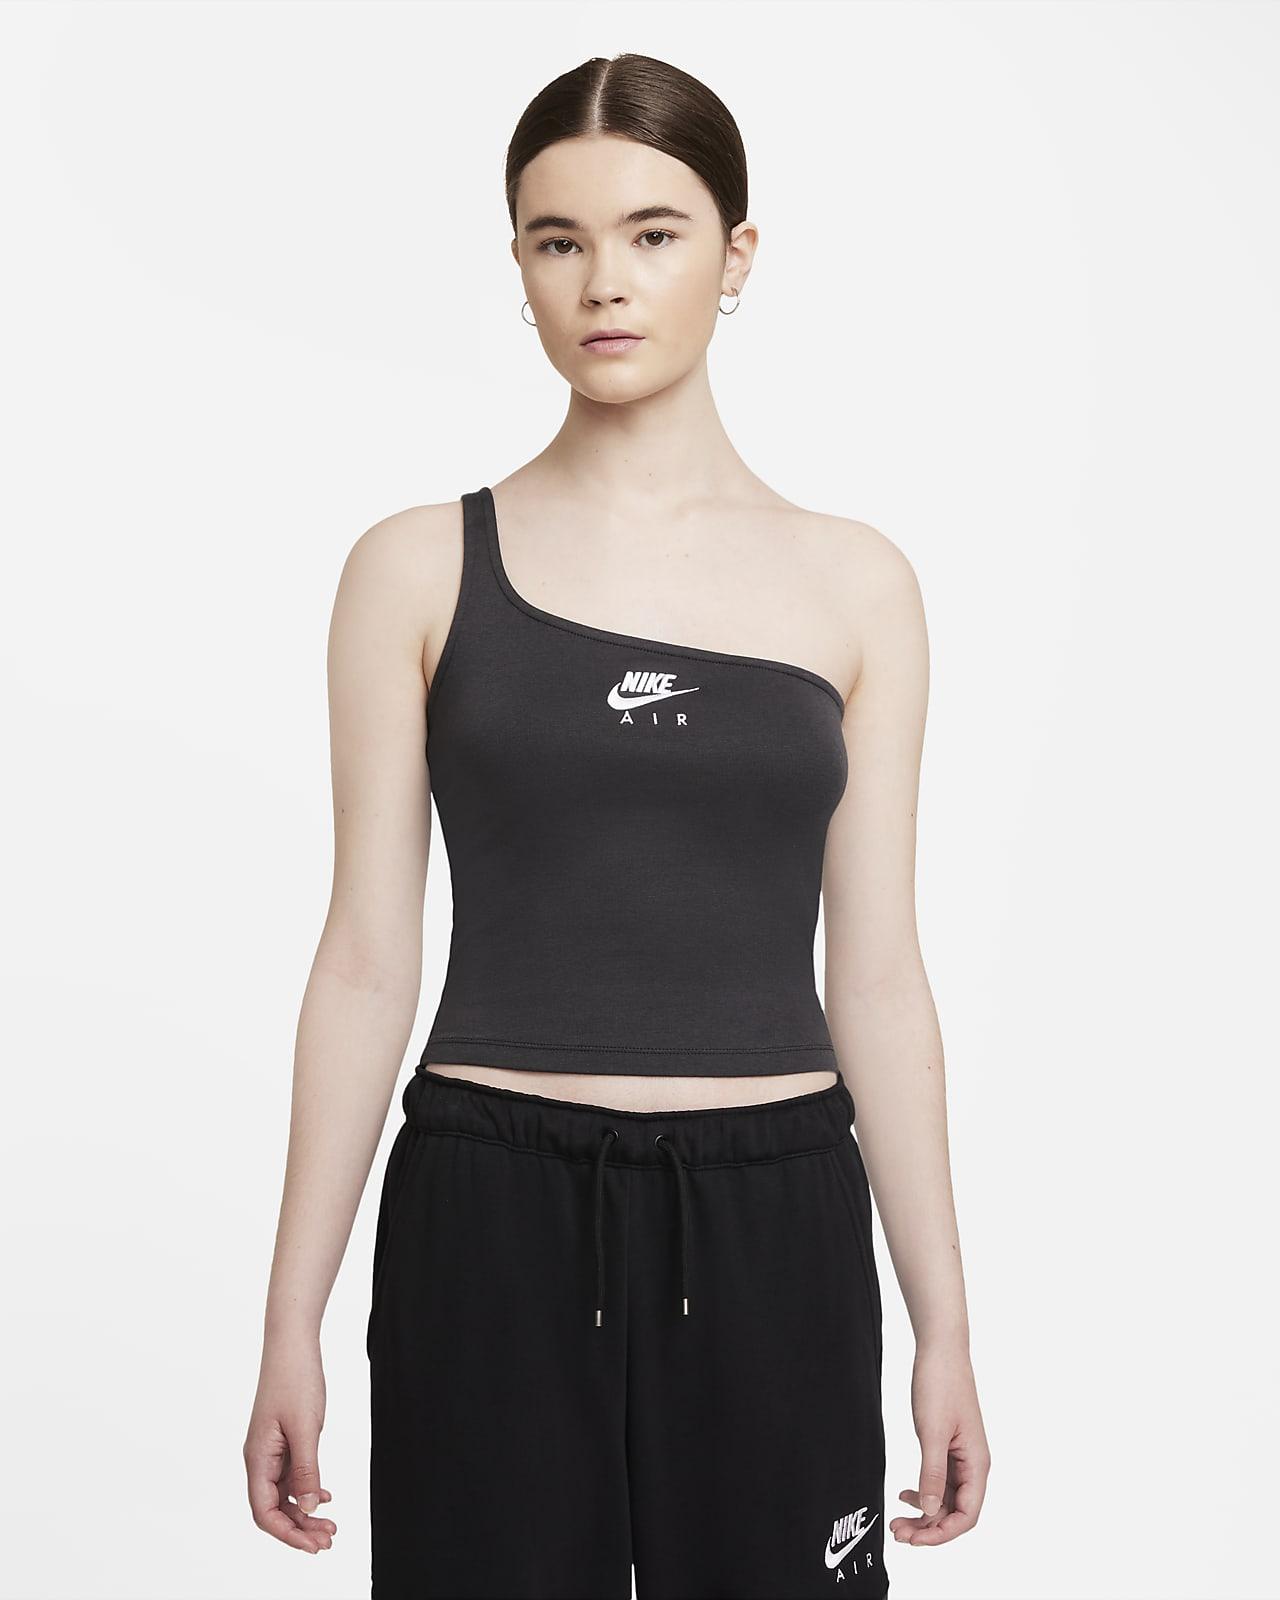 Nike Air Women's Asymmetrical Tank